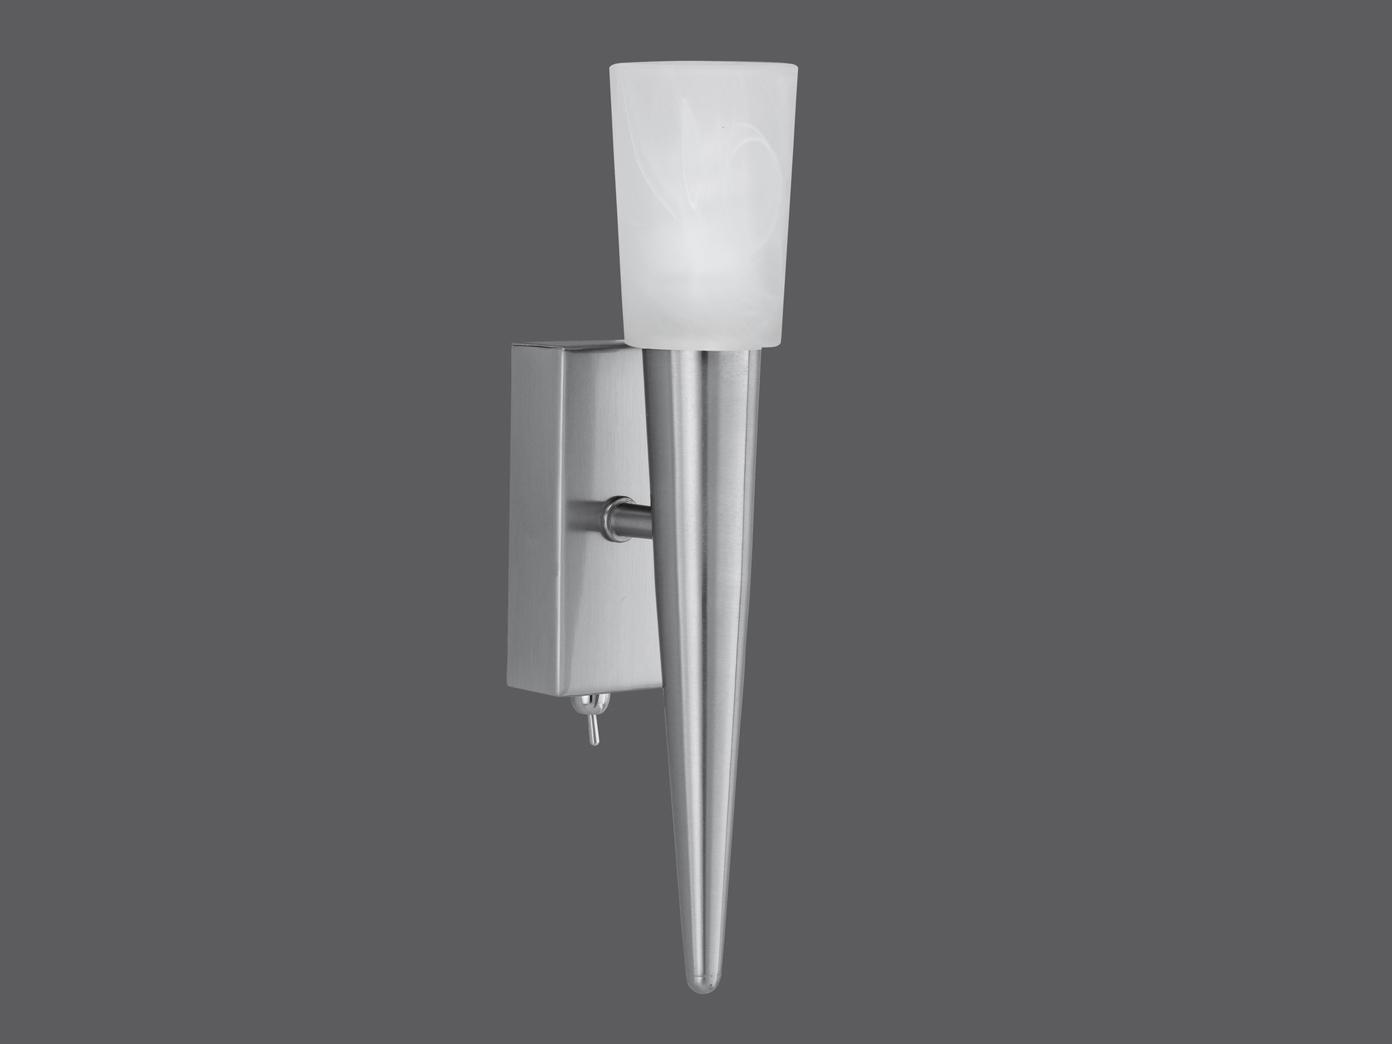 Höhe 27cm ink 1 x G9//28W mit Schalter TRIO Wandleuchte Nickel